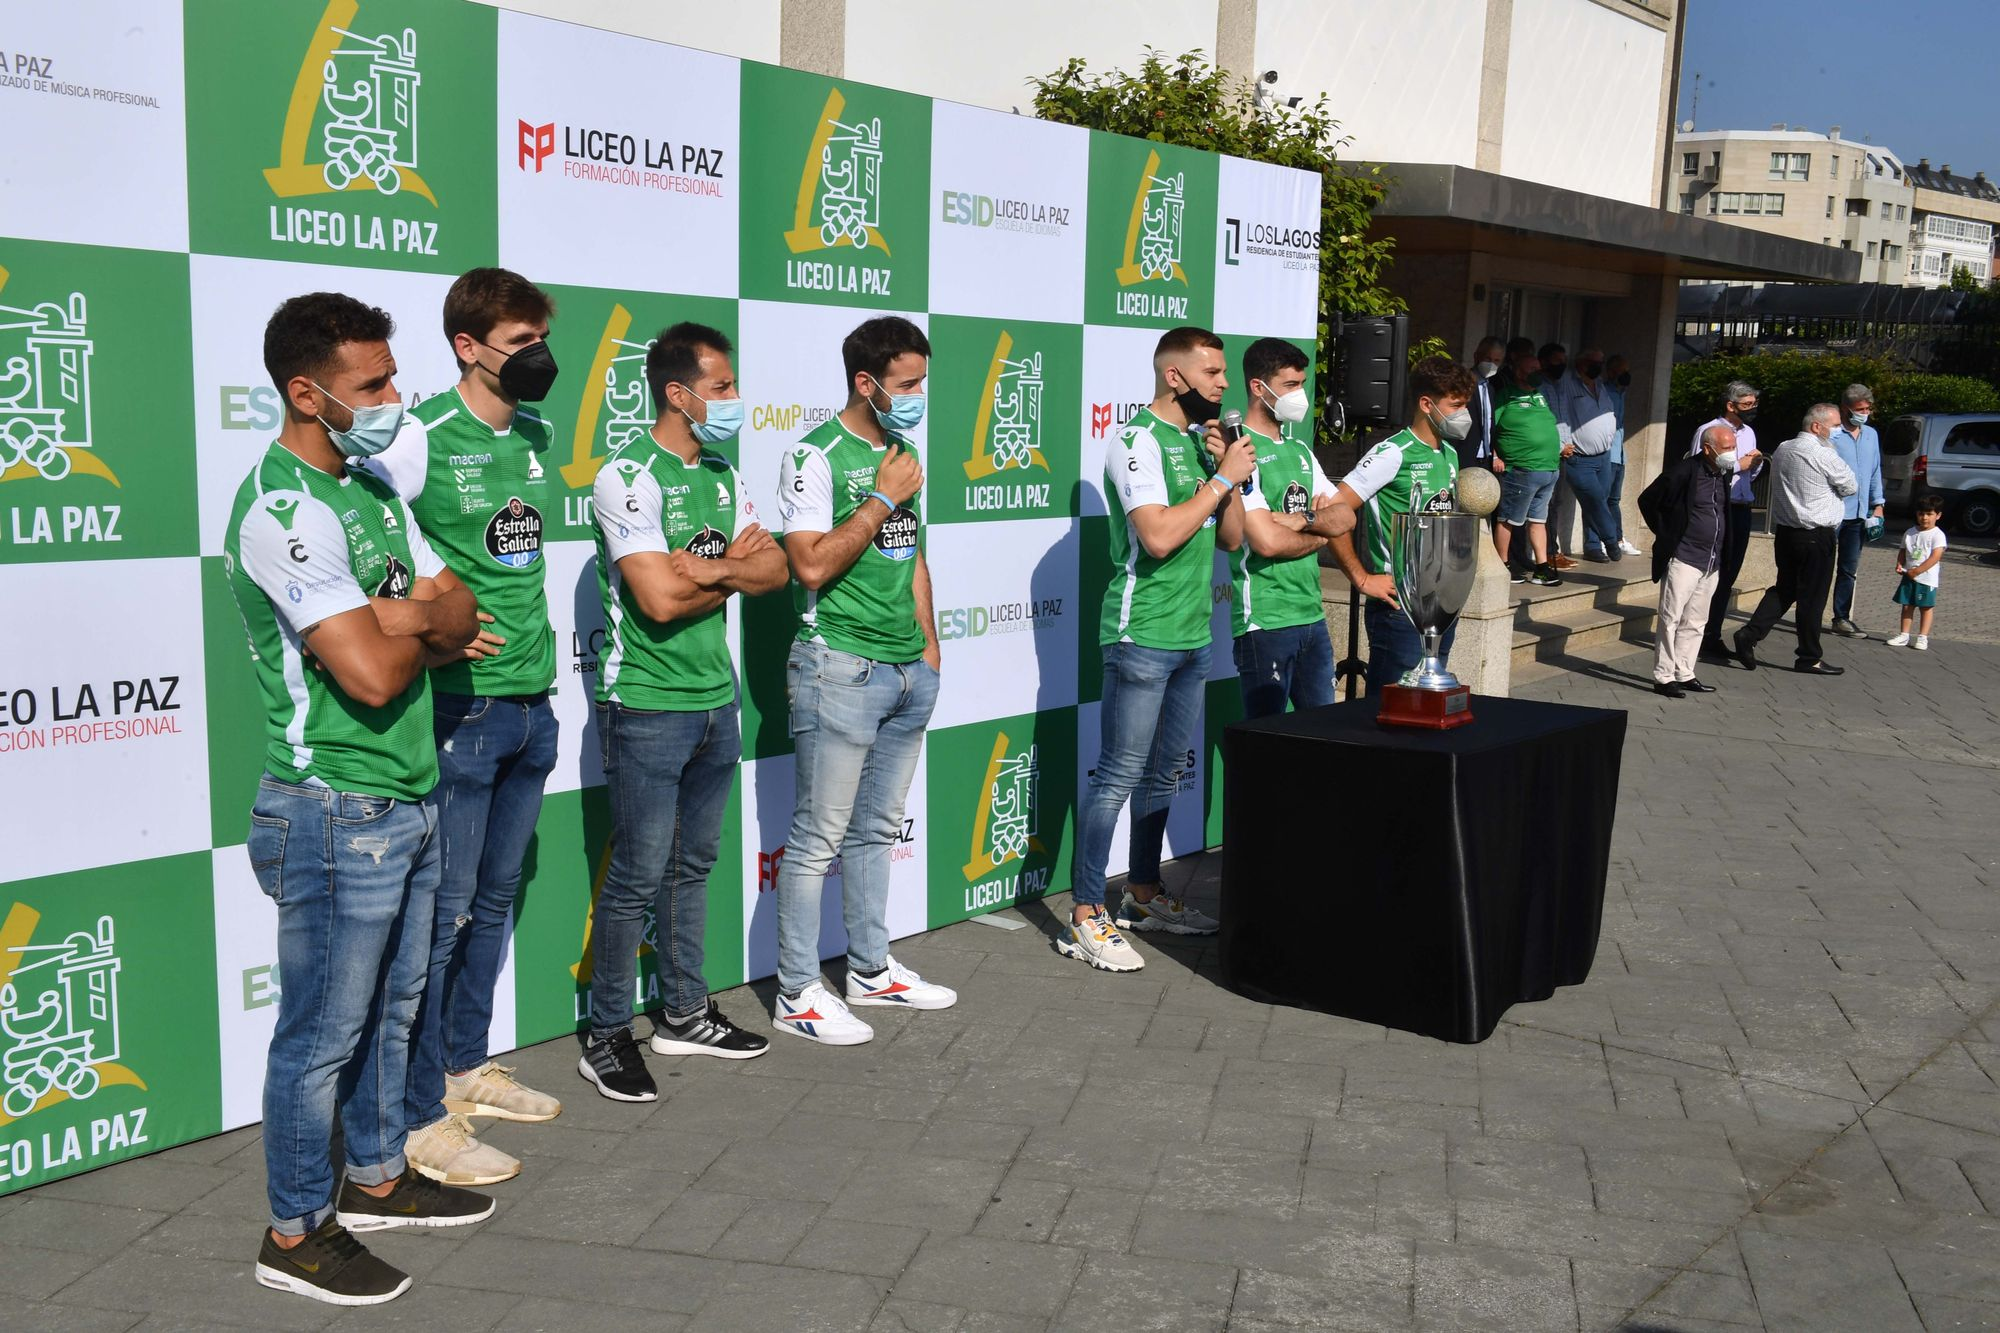 El Liceo ofrece la Copa del Rey a los niños del colegio